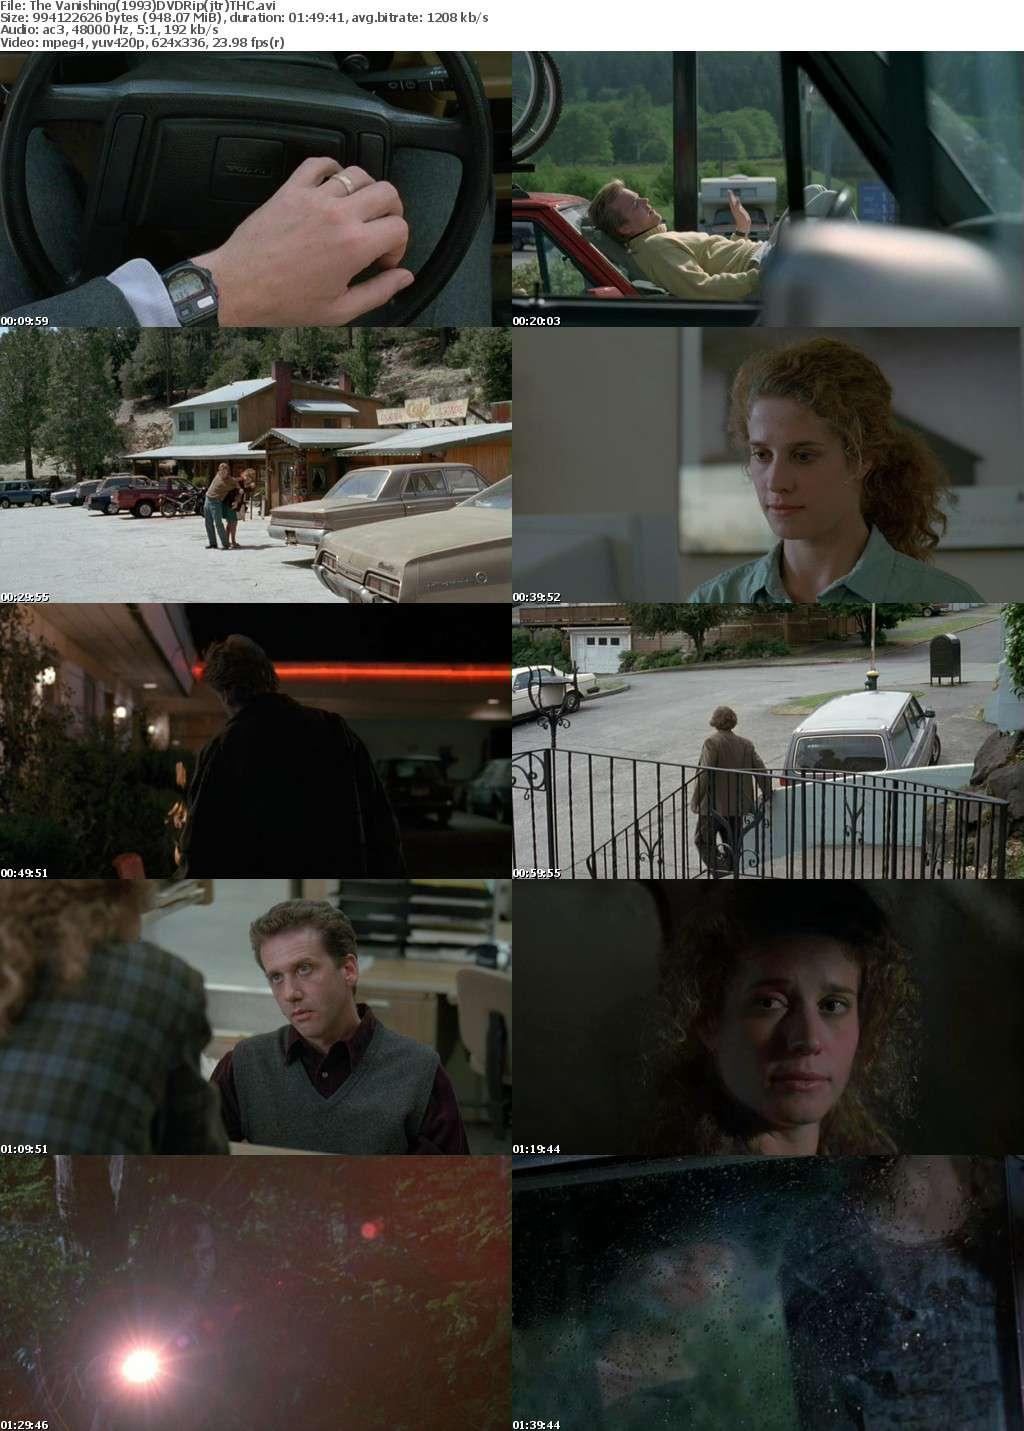 The Vanishing(1993)-DVDRIp Xvid-(jtr) *THC*